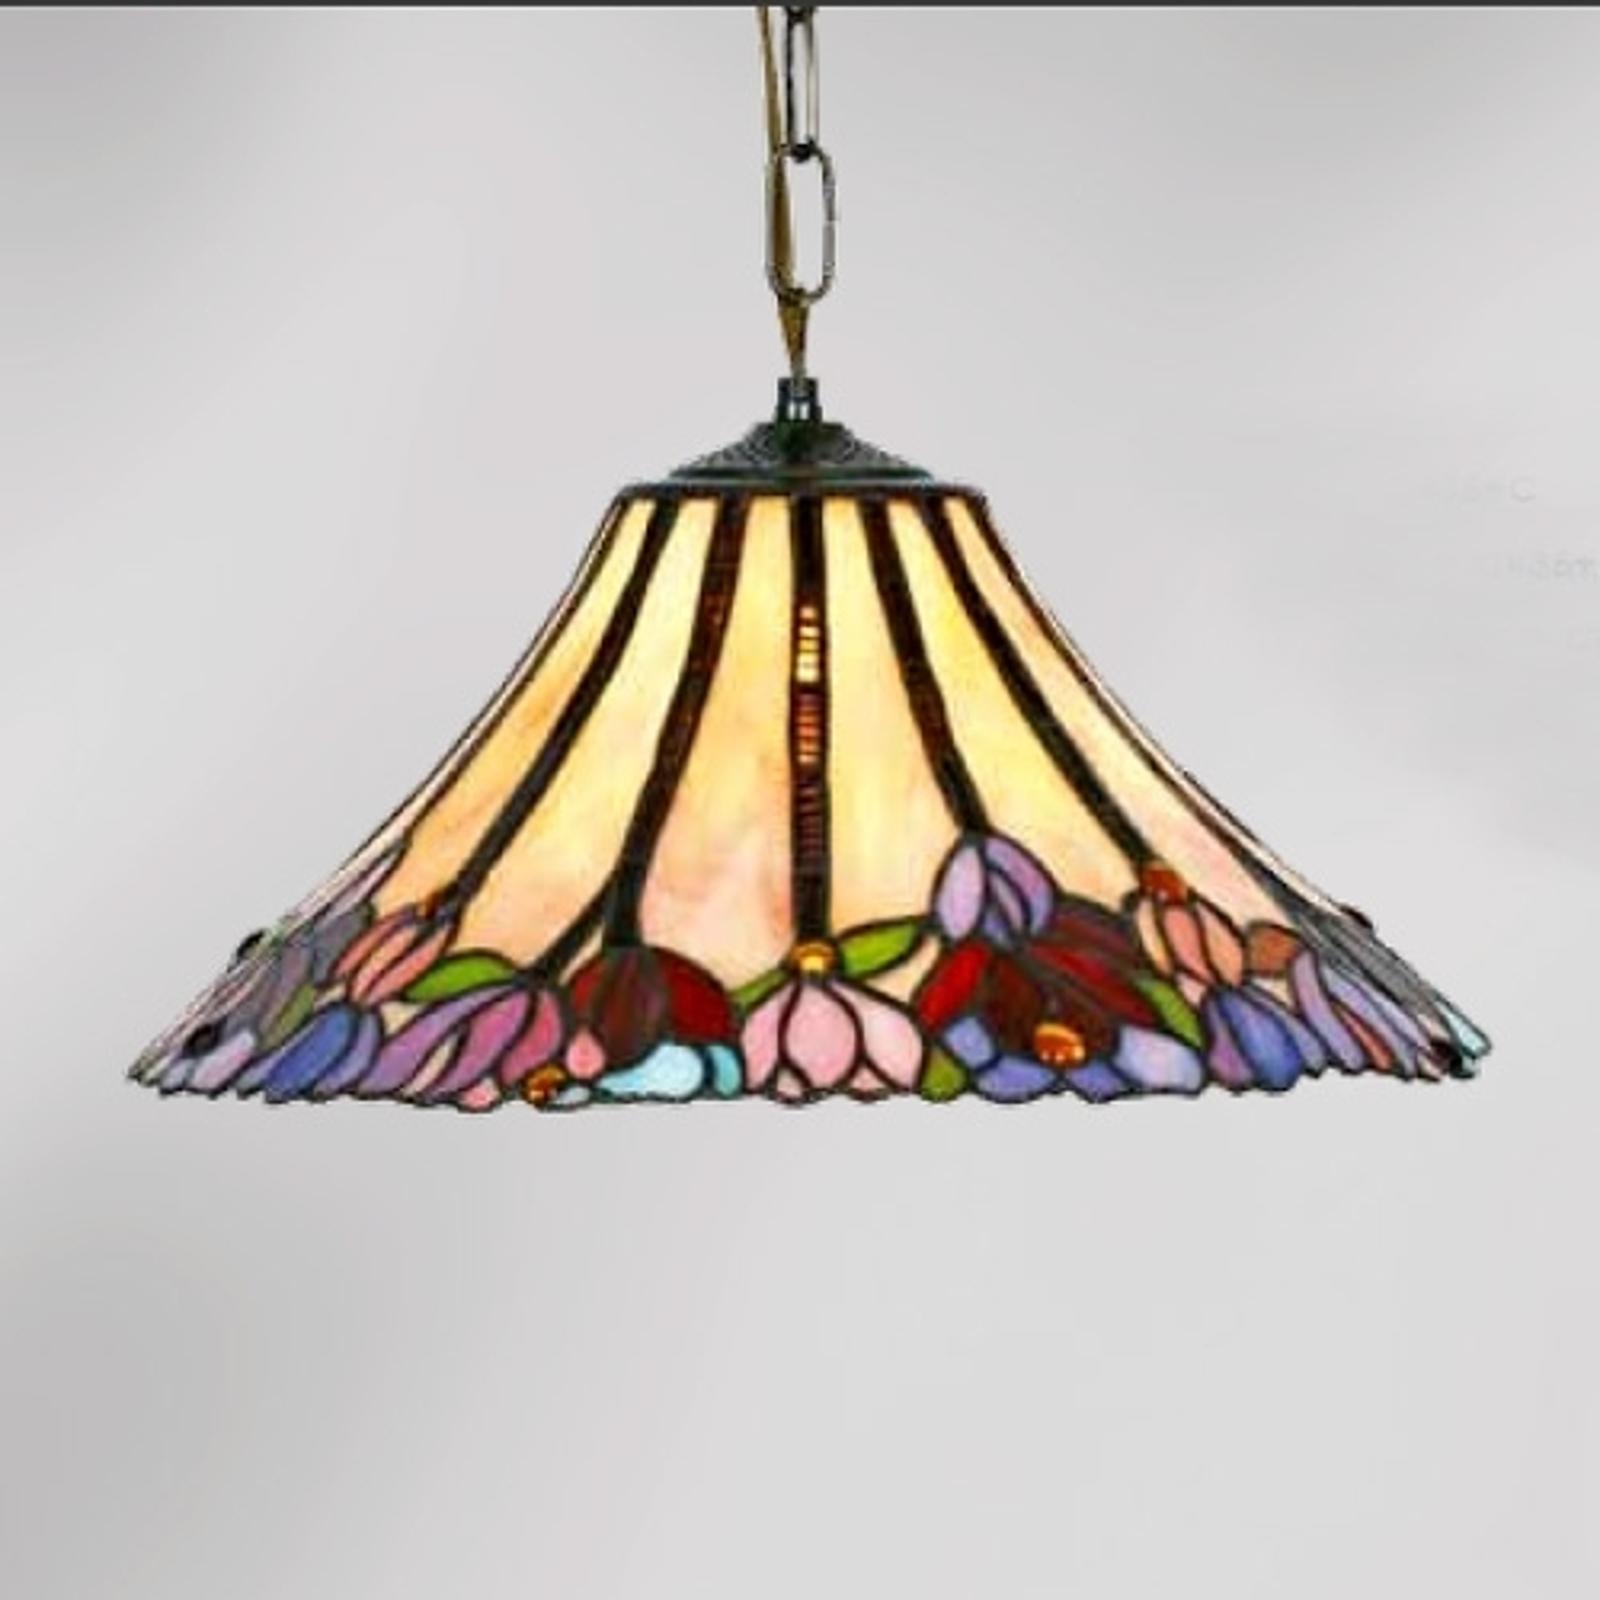 Vakker Tori hengelampe i Tiffany-stil med ett lys